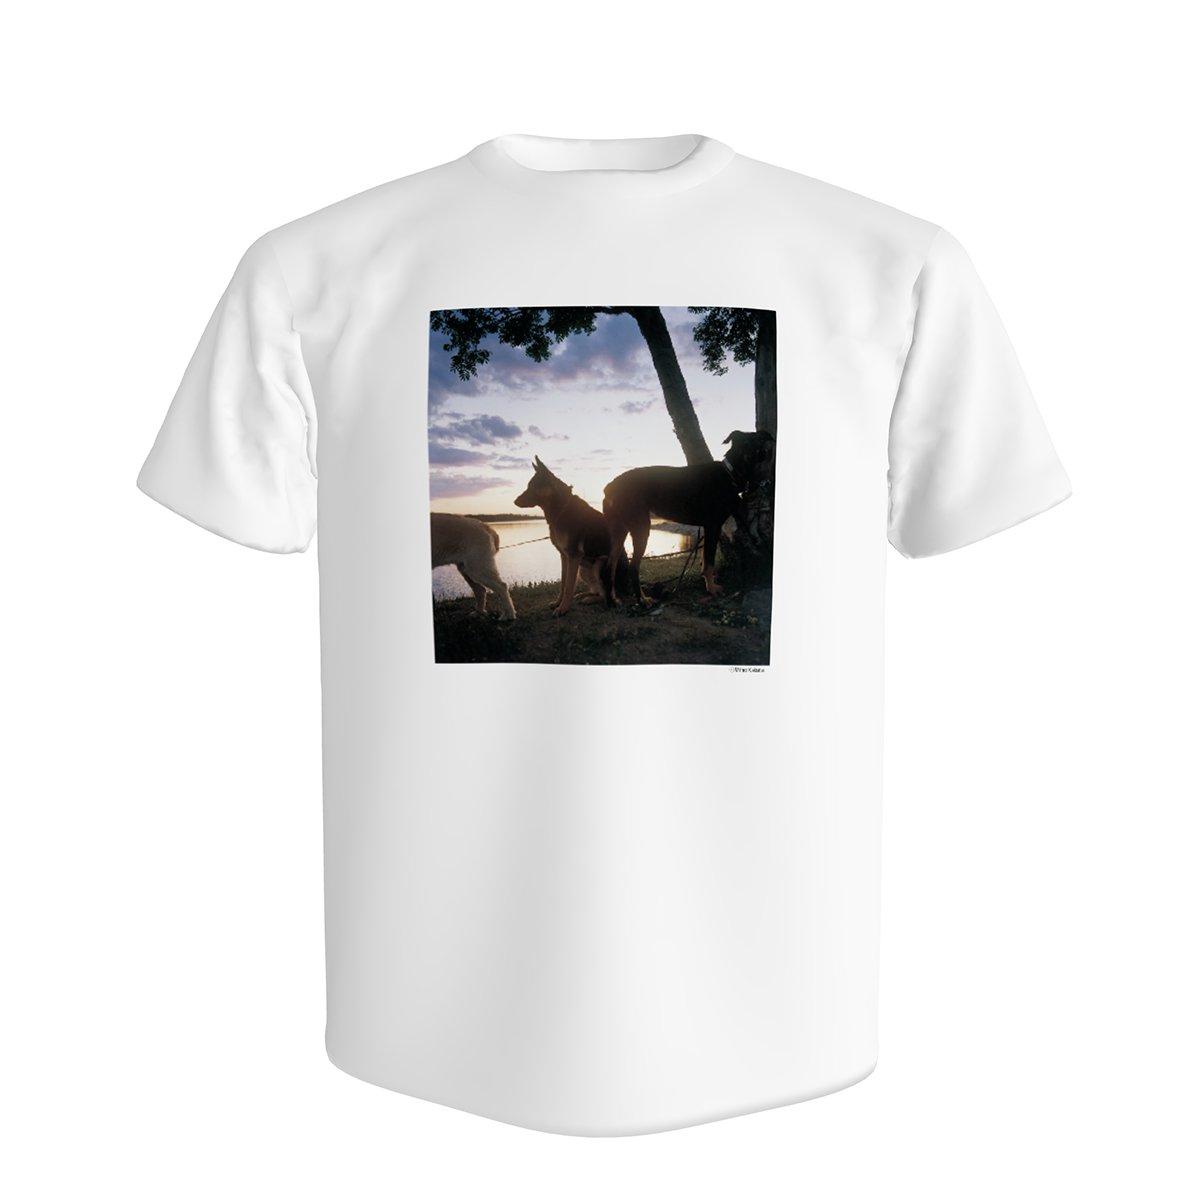 かくたみほさんのTシャツイメージ